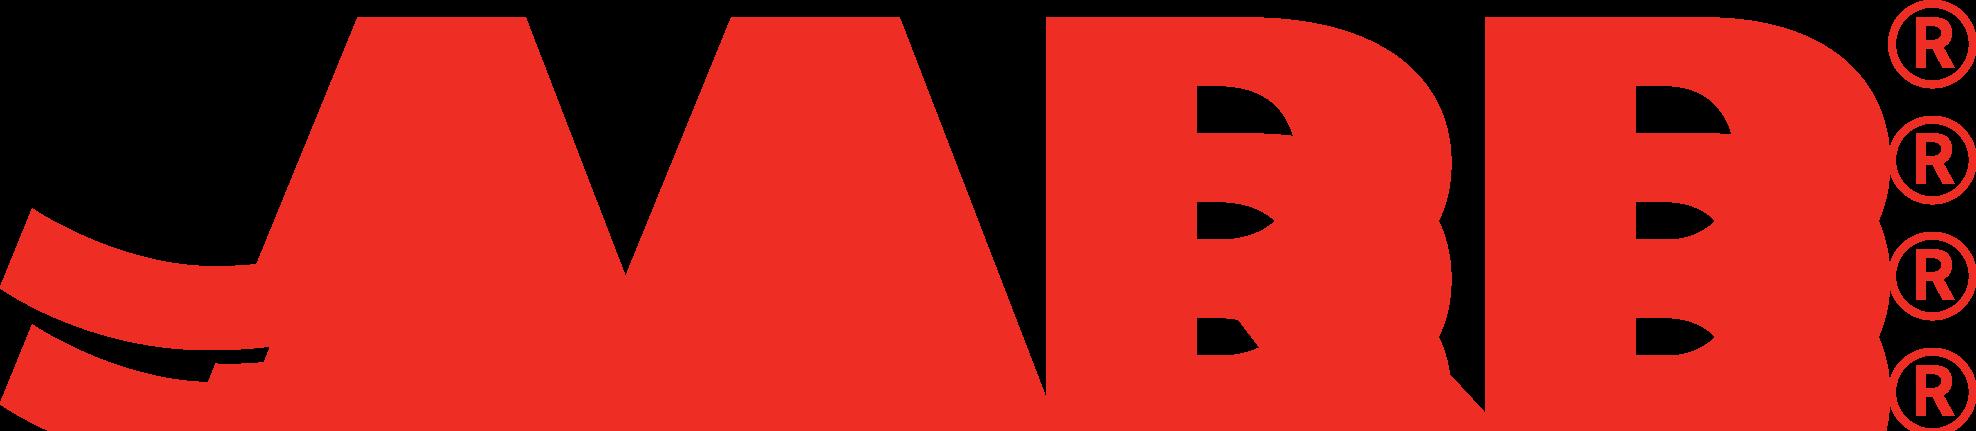 Aarp Logo PNG Transparent Aarp Logo.PNG Images..